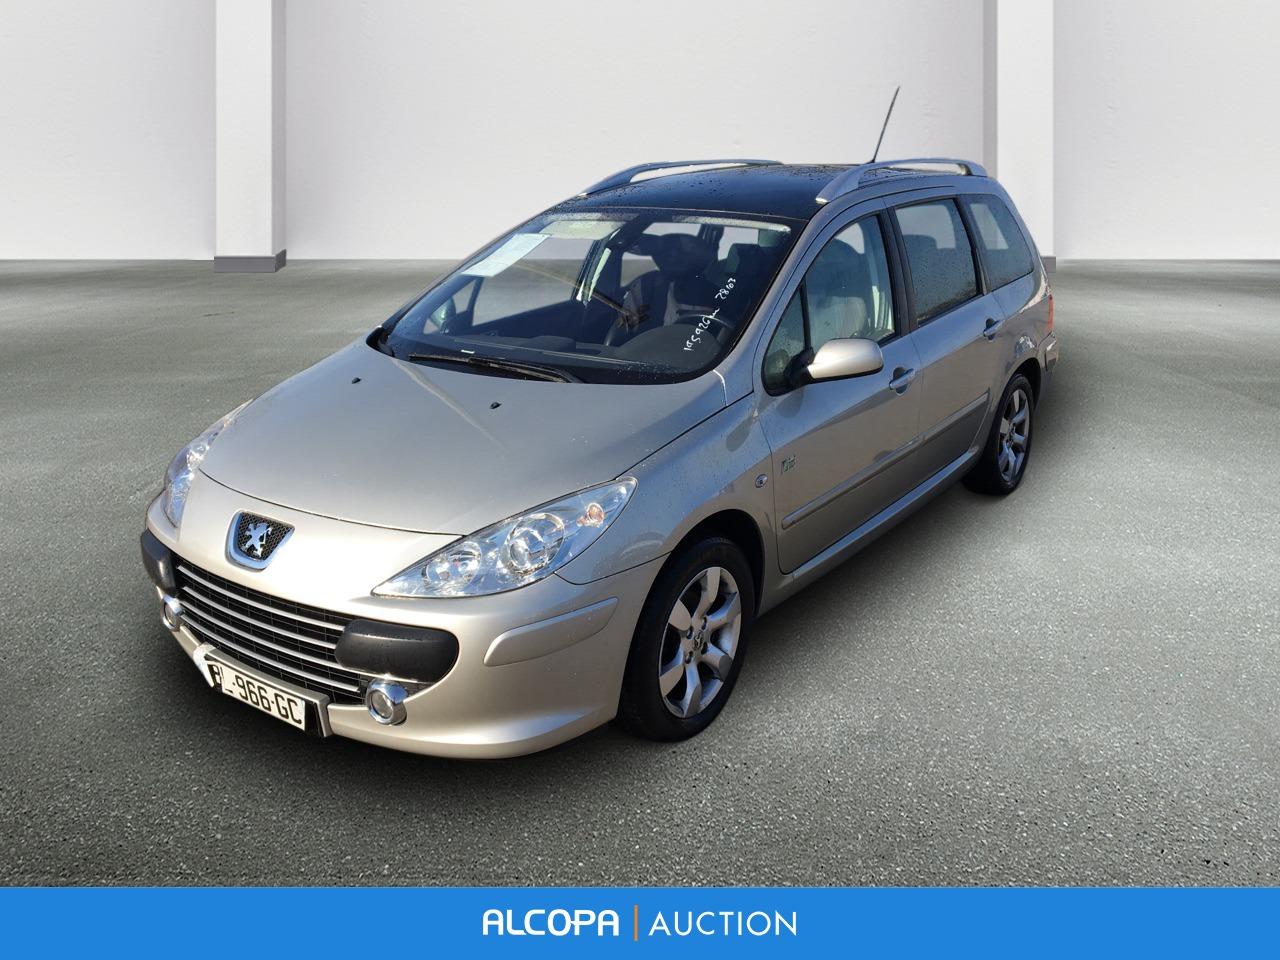 Peugeot 307 Sw 1 6 Hdi 110 : peugeot 307 sw 307 sw 1 6 hdi 16v 110 rwc fap alcopa auction ~ Aude.kayakingforconservation.com Haus und Dekorationen